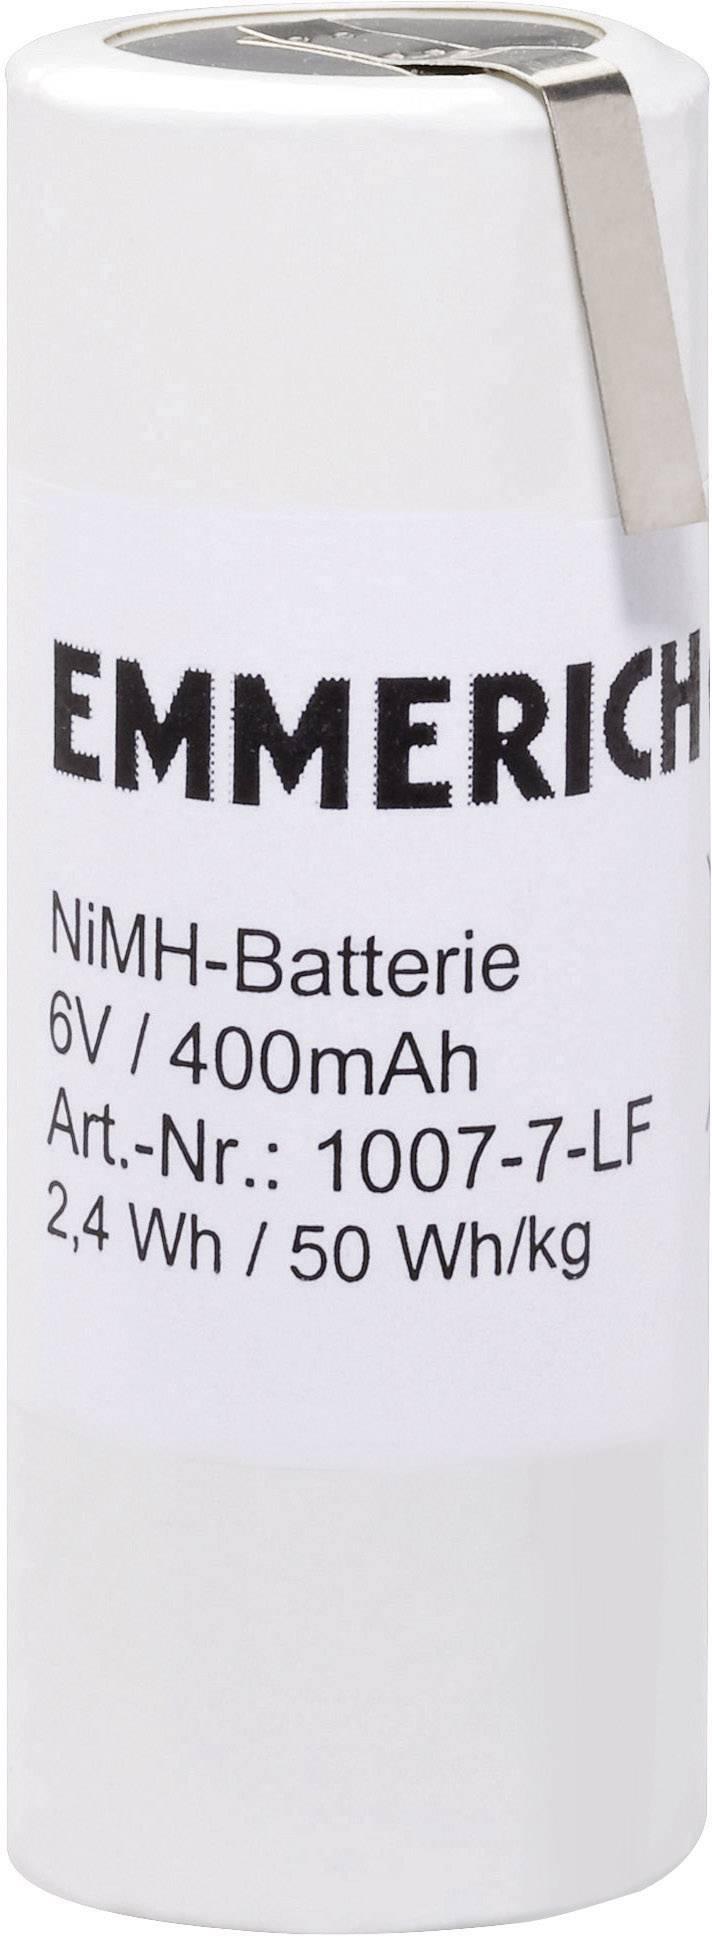 Akupack - sada nabíjacích batérií NiMH 5 špeciálny akumulátor Emmerich 251562, 400 mAh, 6 V